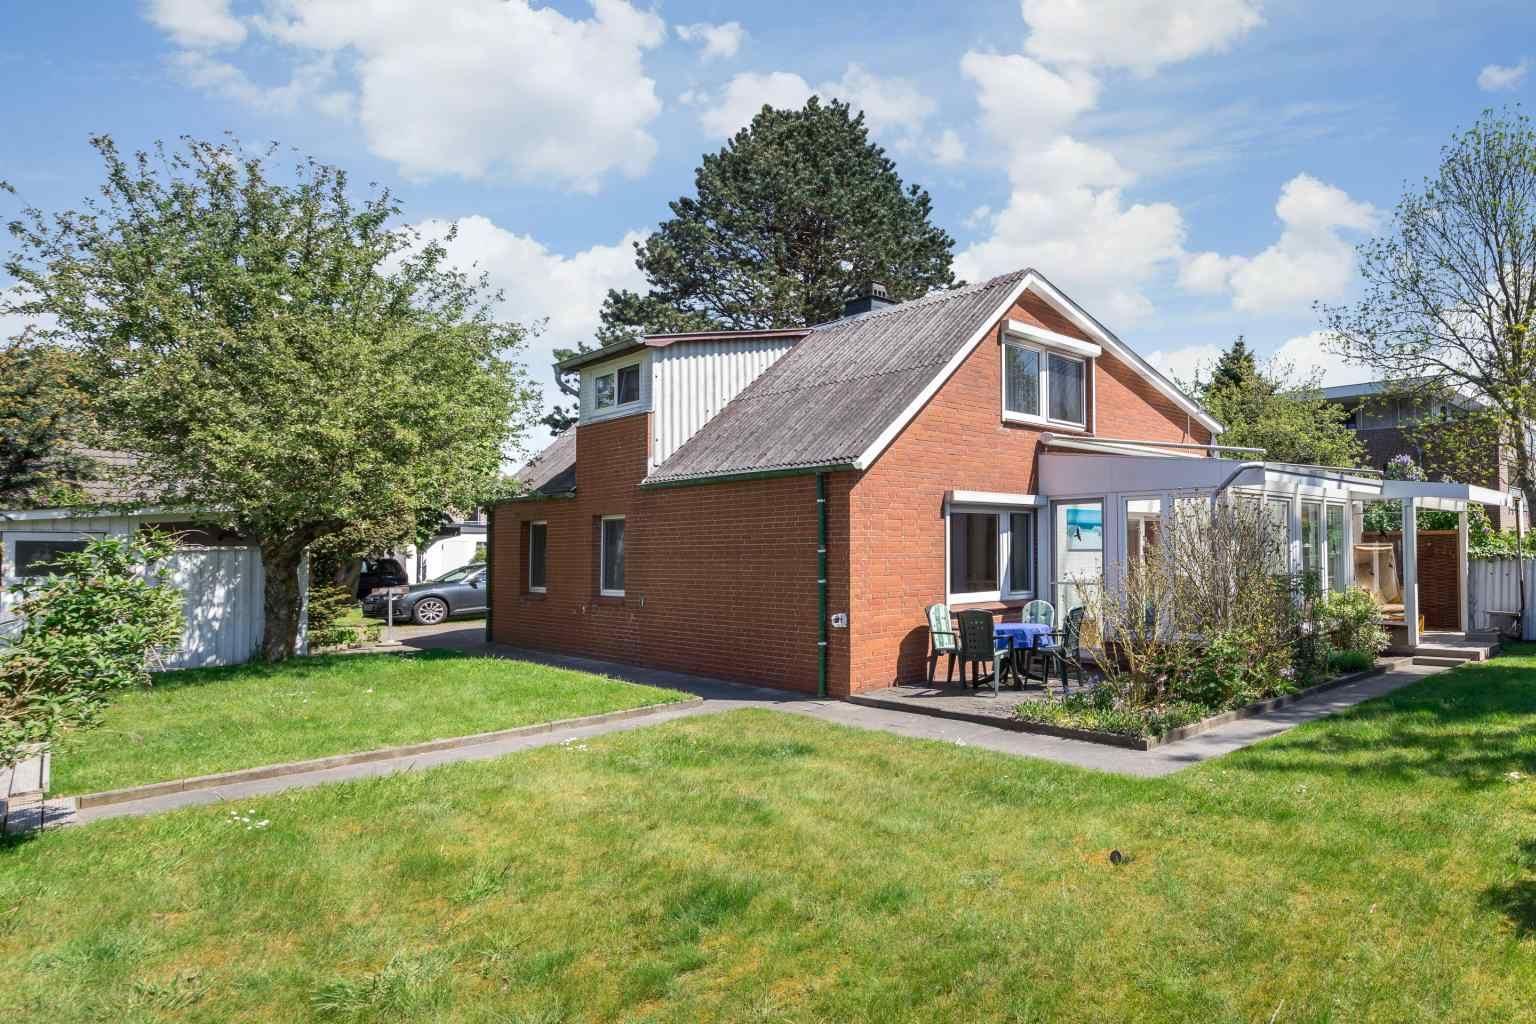 Garten - Haus Sturmmoewe, Wohnung 4, Badallee 27-27a, St. Peter-Dorf